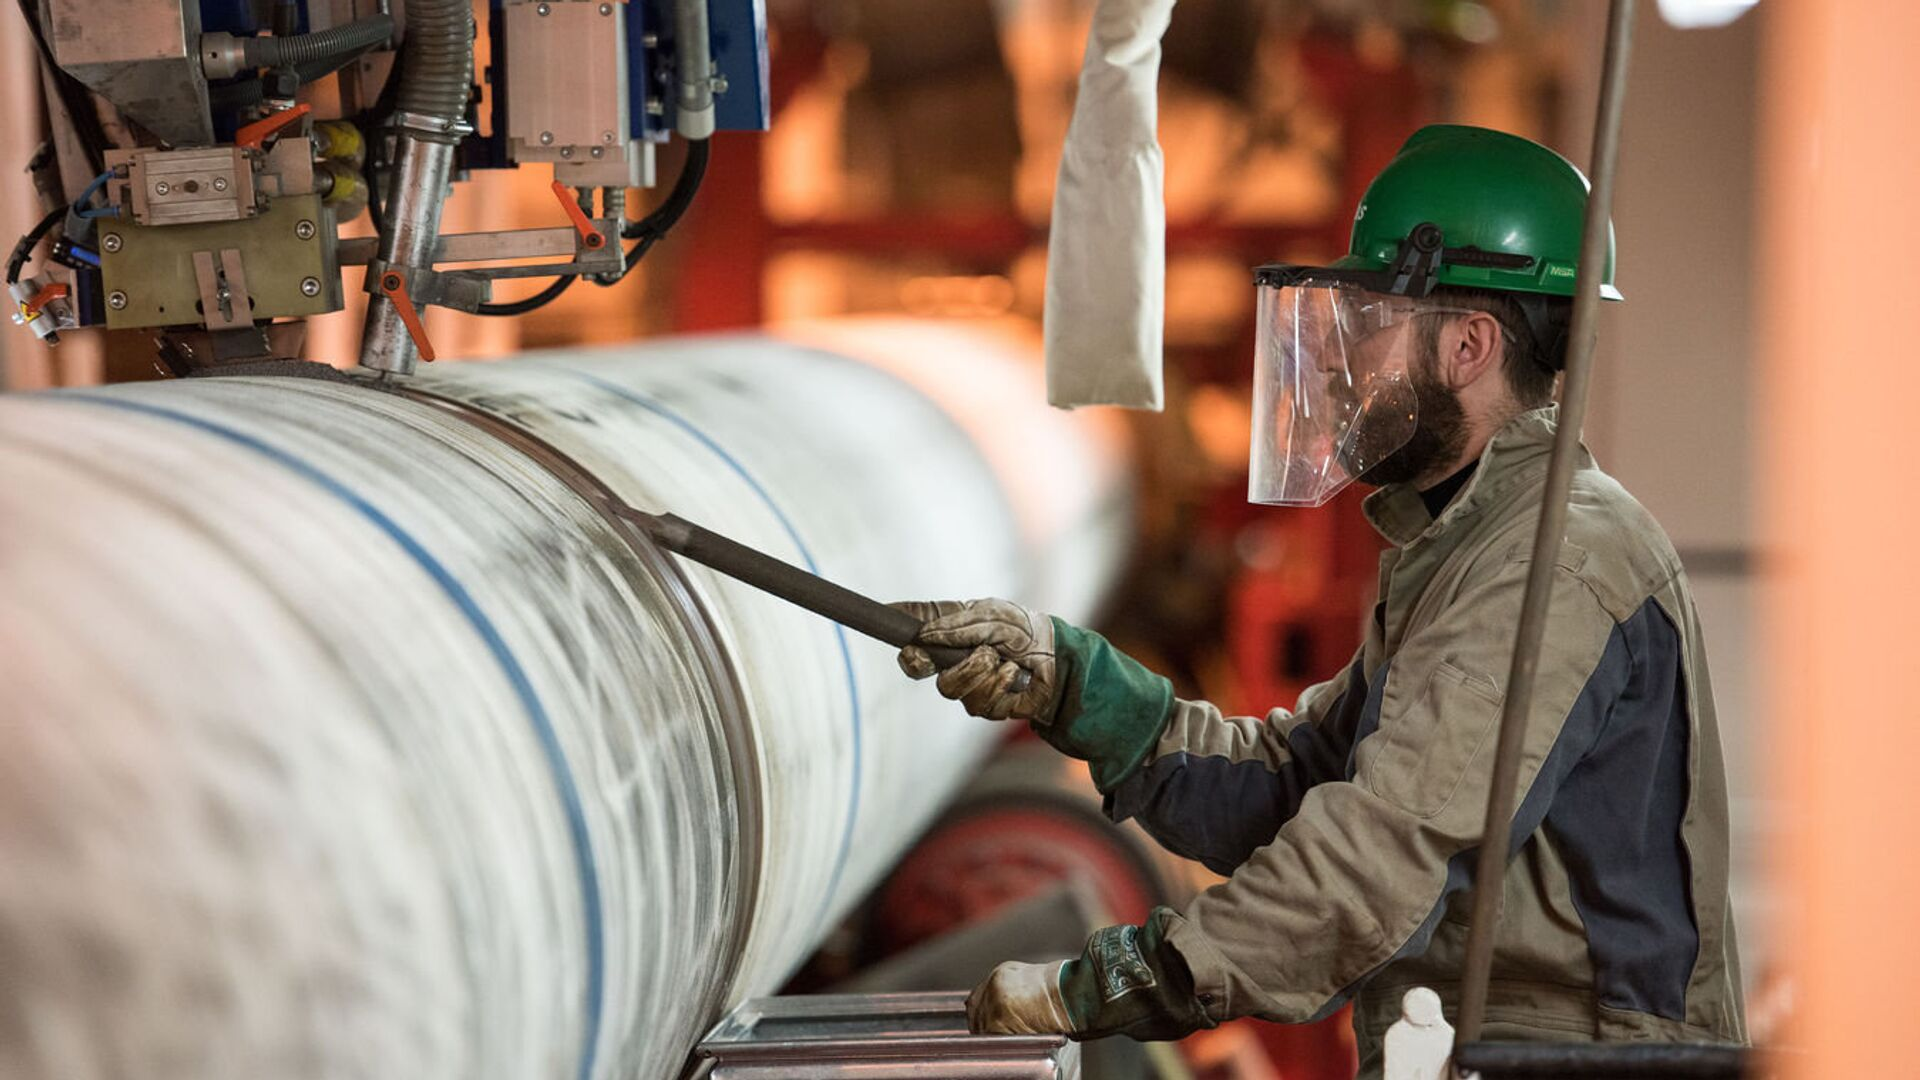 Подготовительные мероприятия к сварочным работам по строительству морского газопровода Турецкий поток - РИА Новости, 1920, 11.01.2021